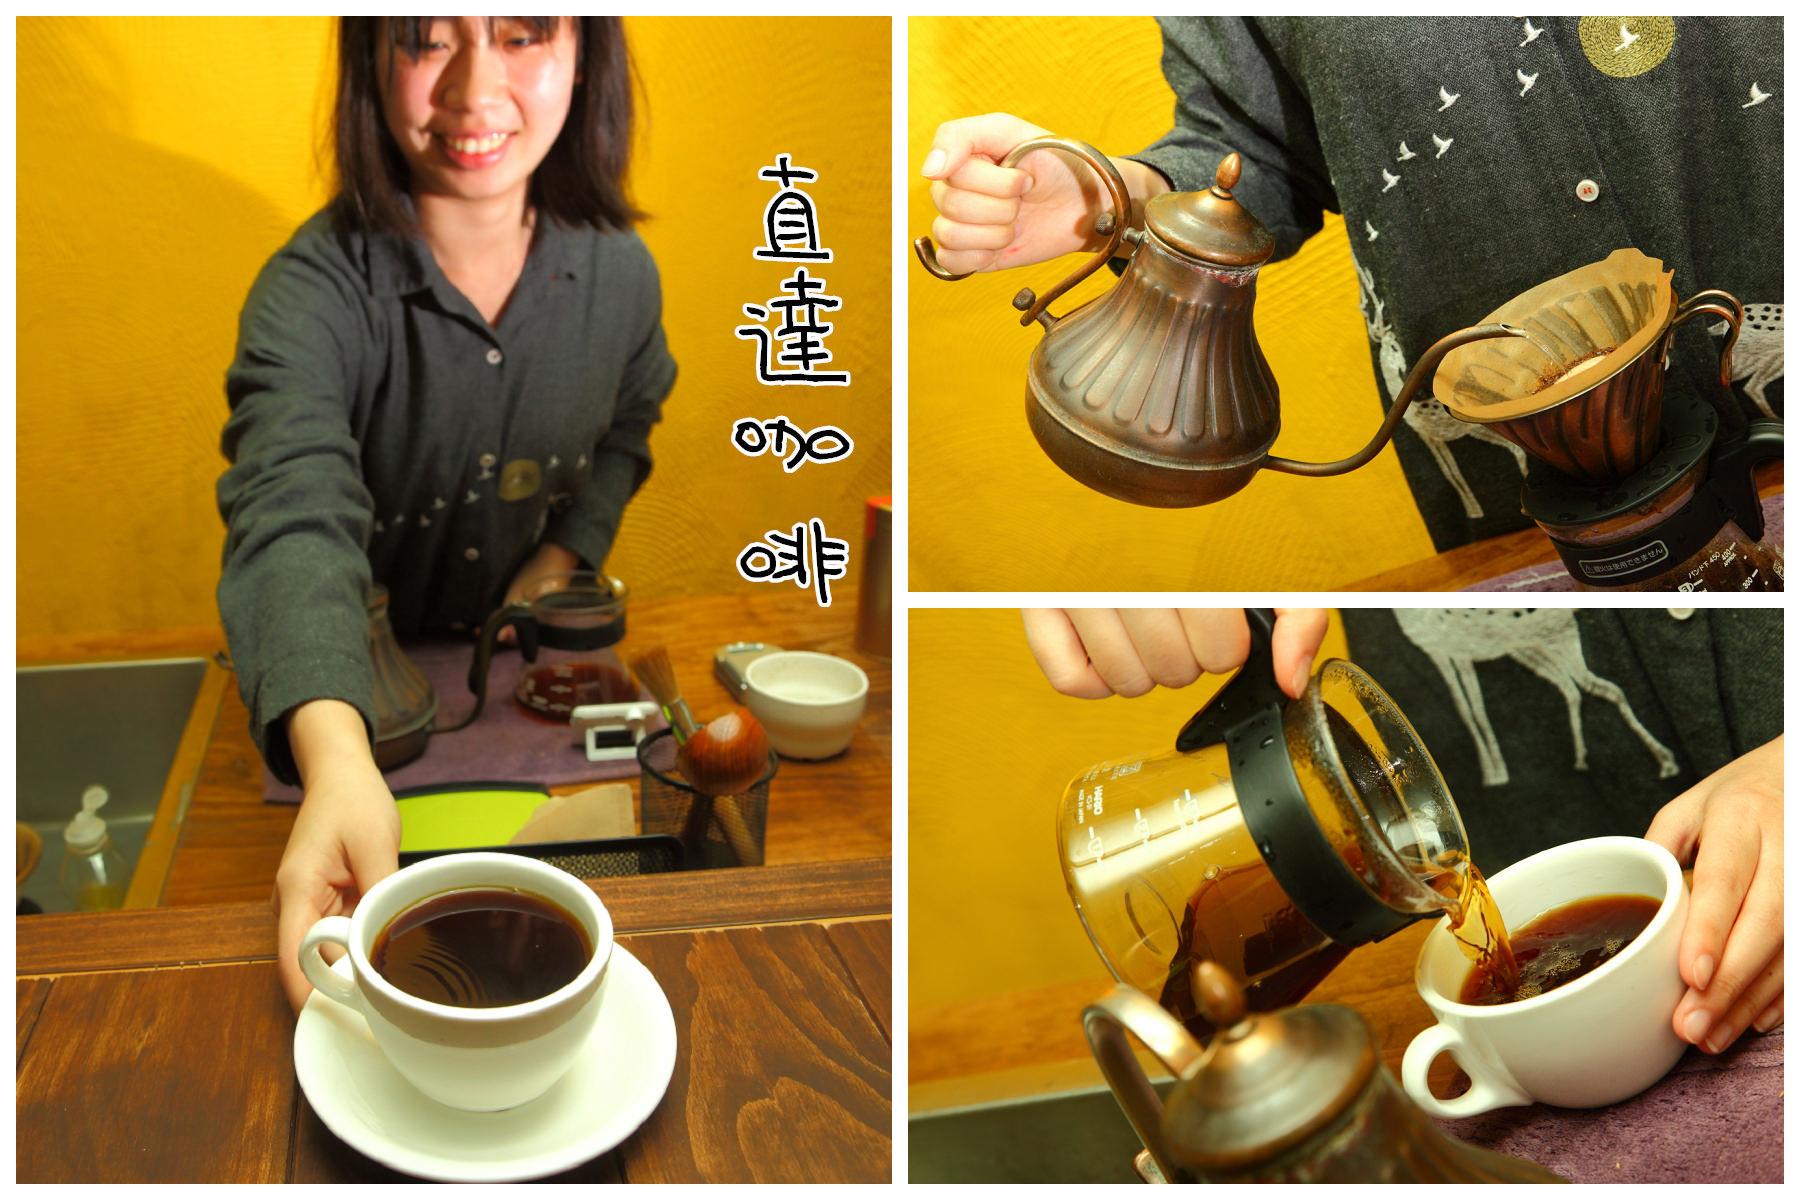 [新竹東區]手沖咖啡愛好者天堂,用咖啡直球決勝負!直達咖啡-慈雲工廠店